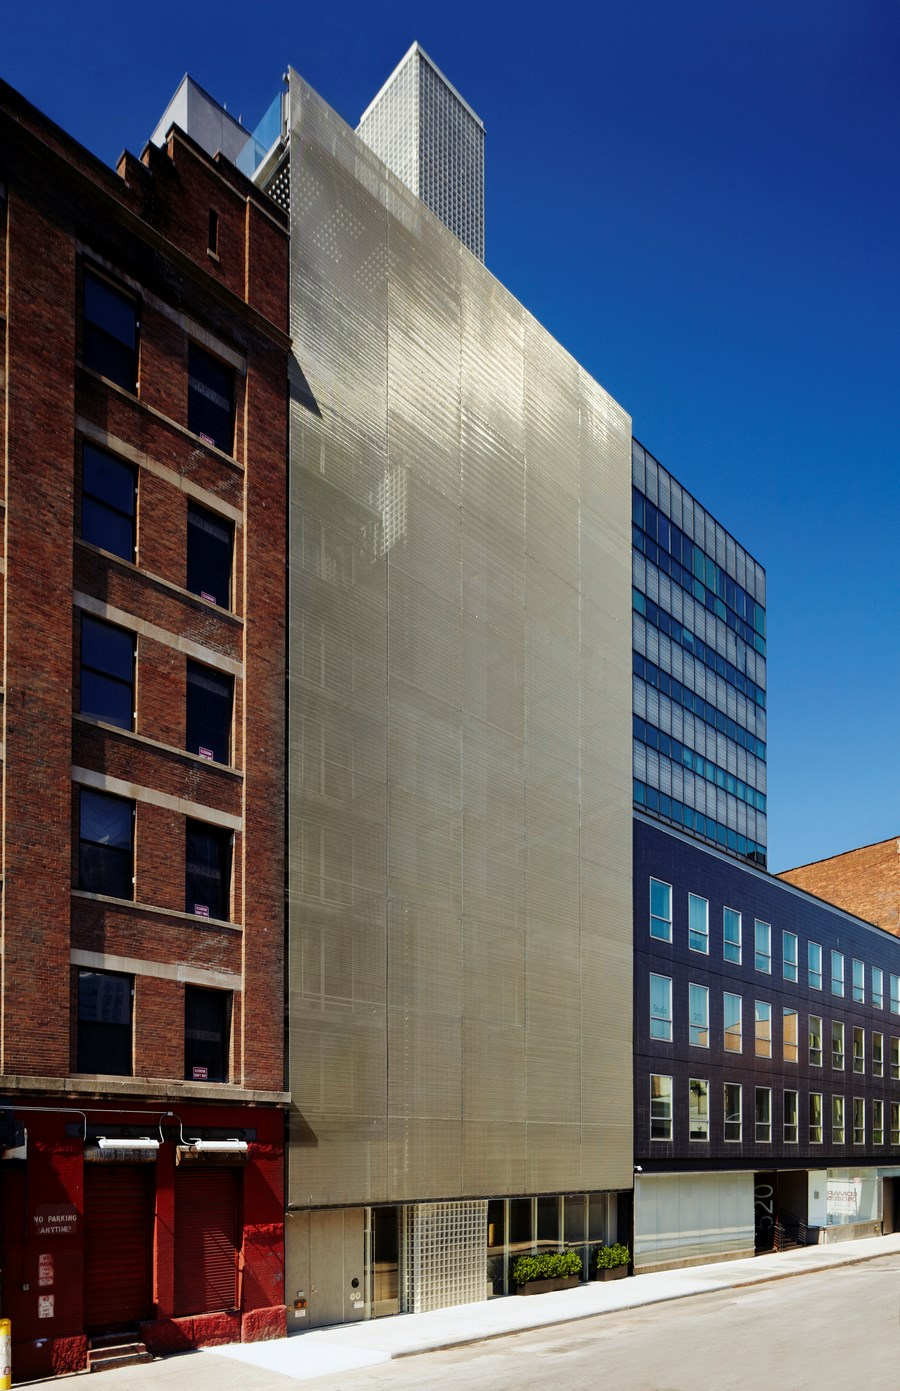 Hotel Americano - Nueva York - Architravelnet (1)